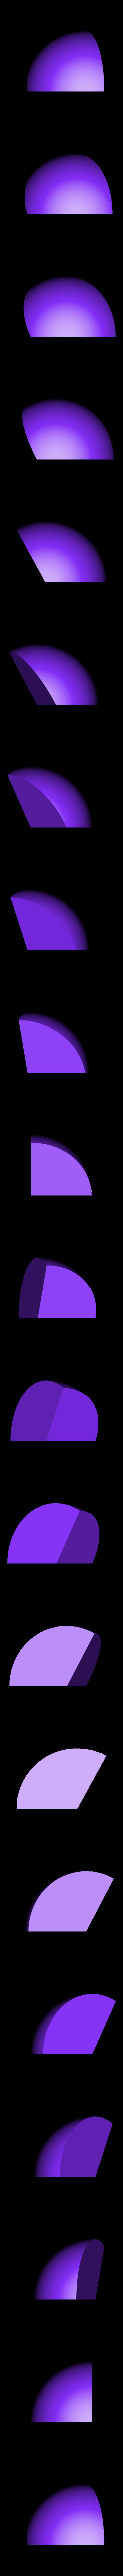 cell_nucleolous.STL Télécharger fichier STL gratuit Modèle de cellule multicolore • Plan imprimable en 3D, MosaicManufacturing